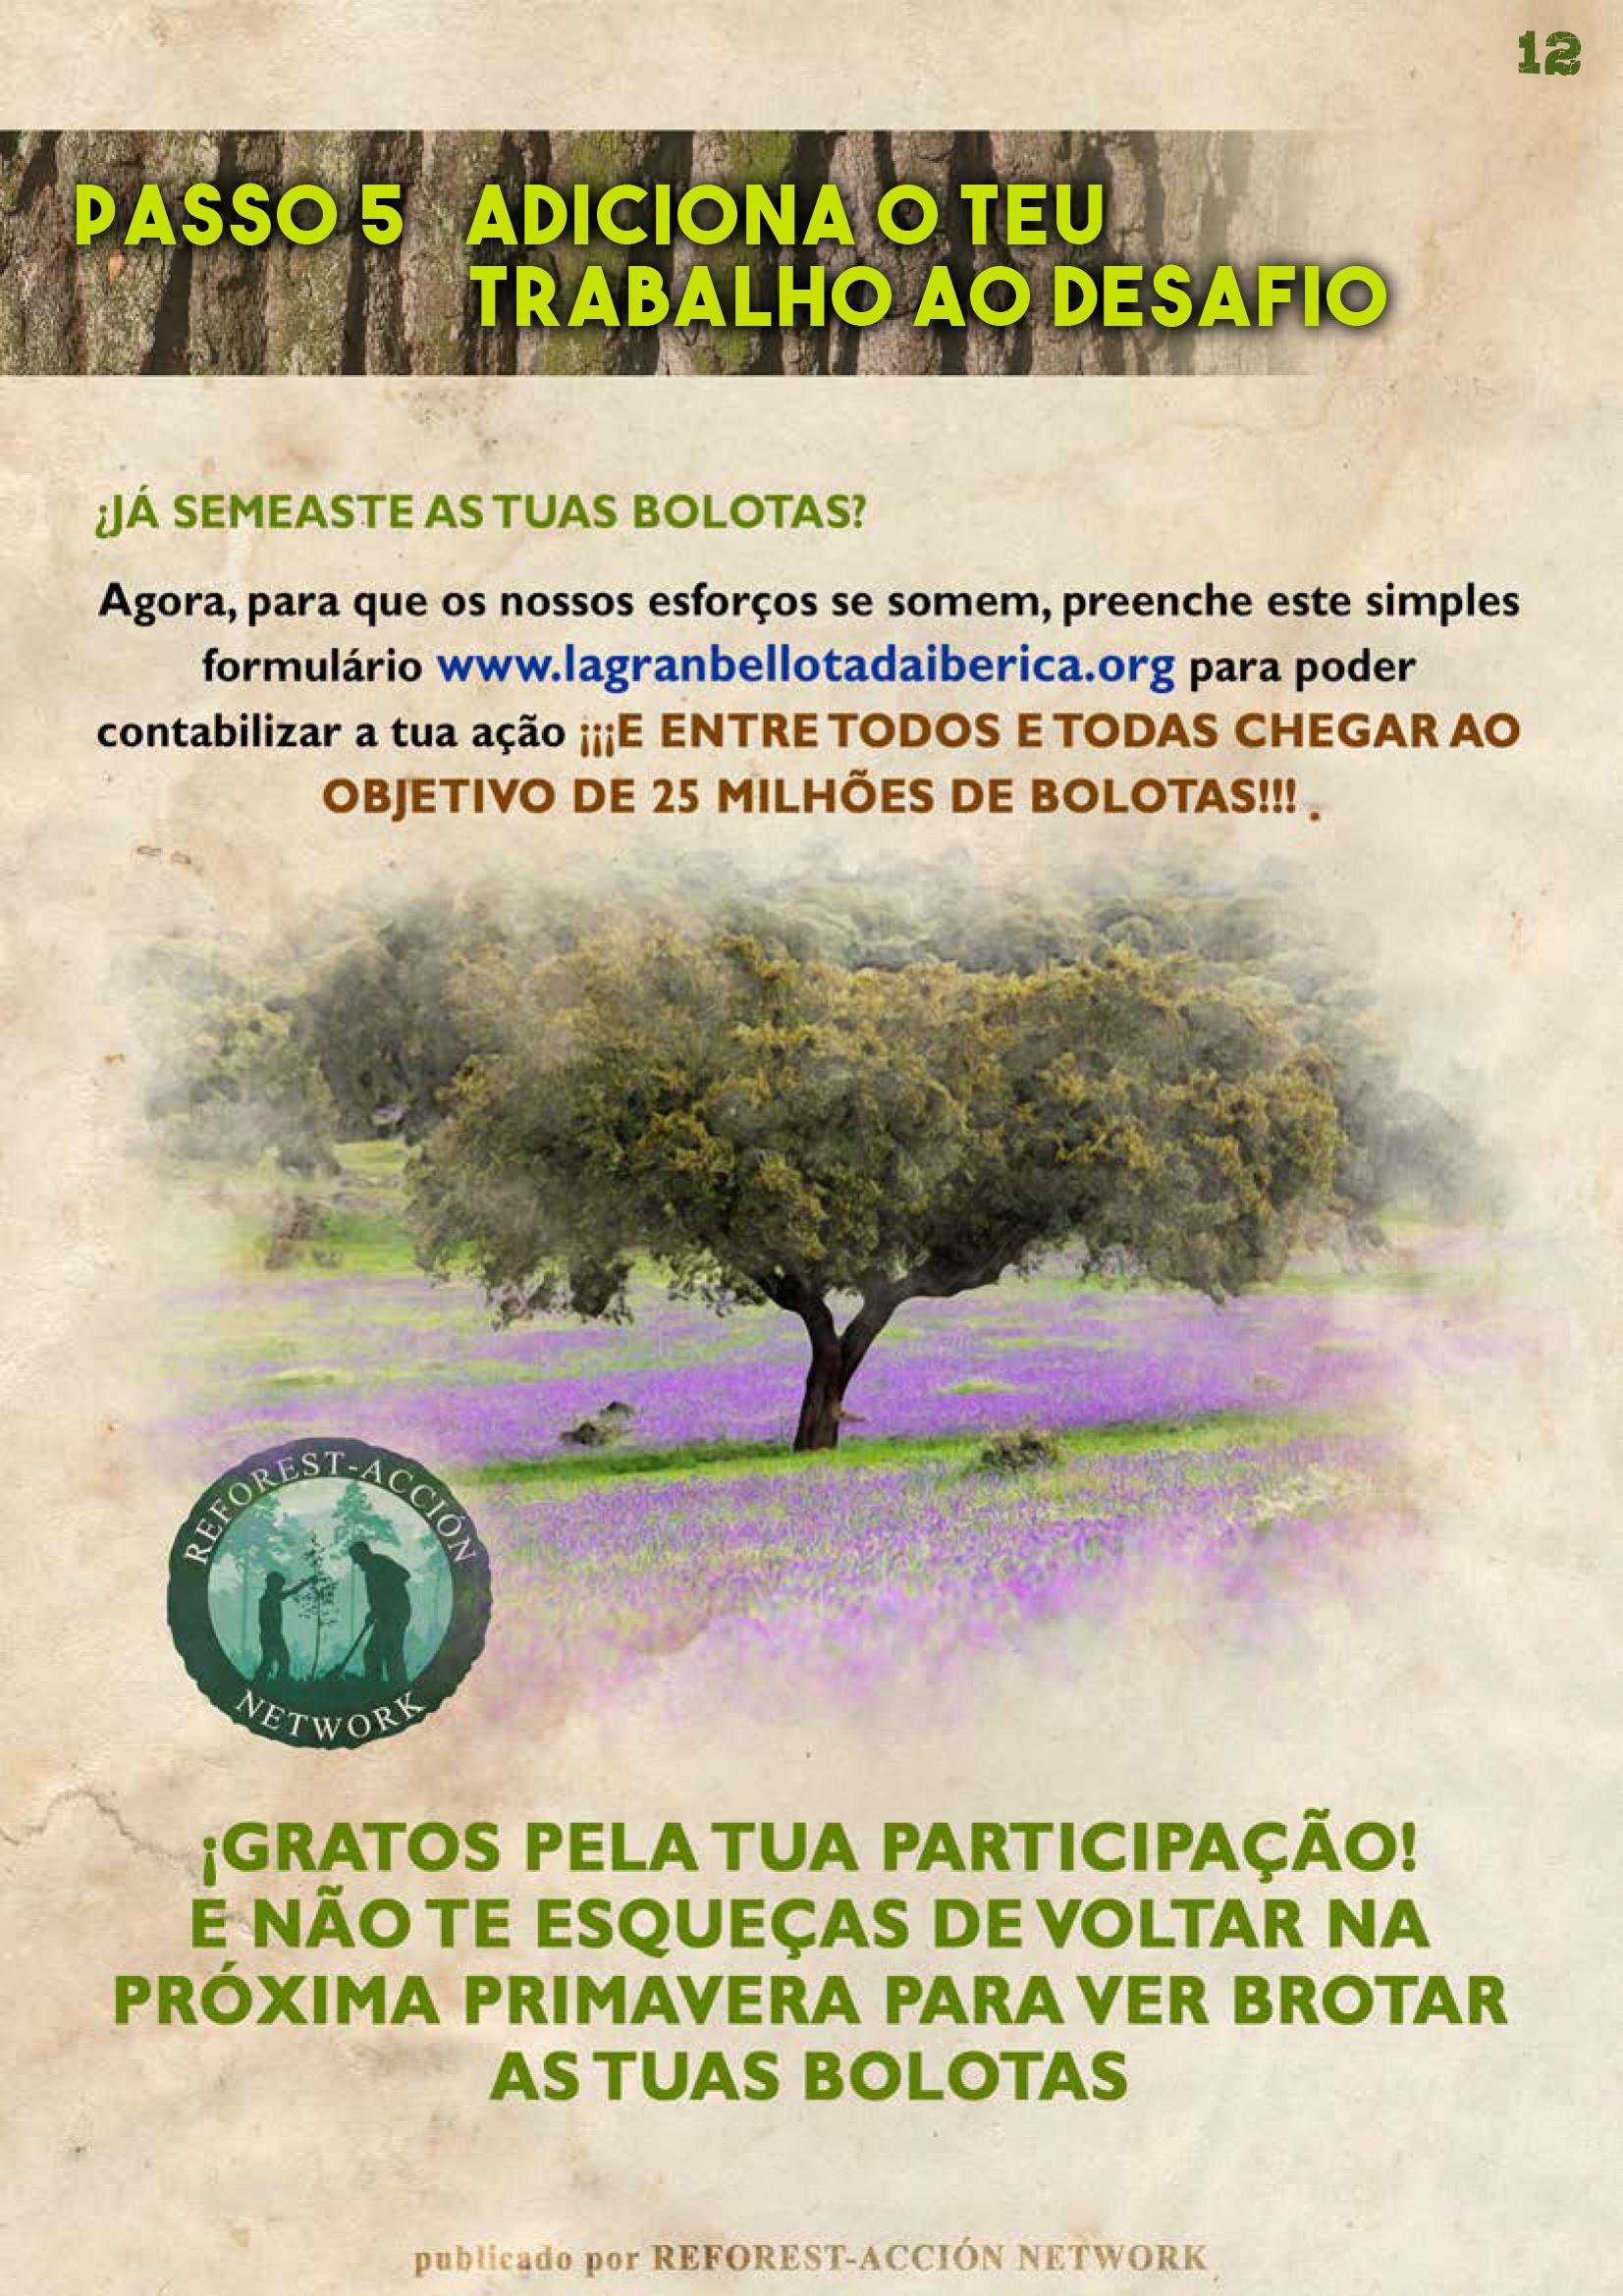 GUIA BELLOTERA - PAG 13 PT